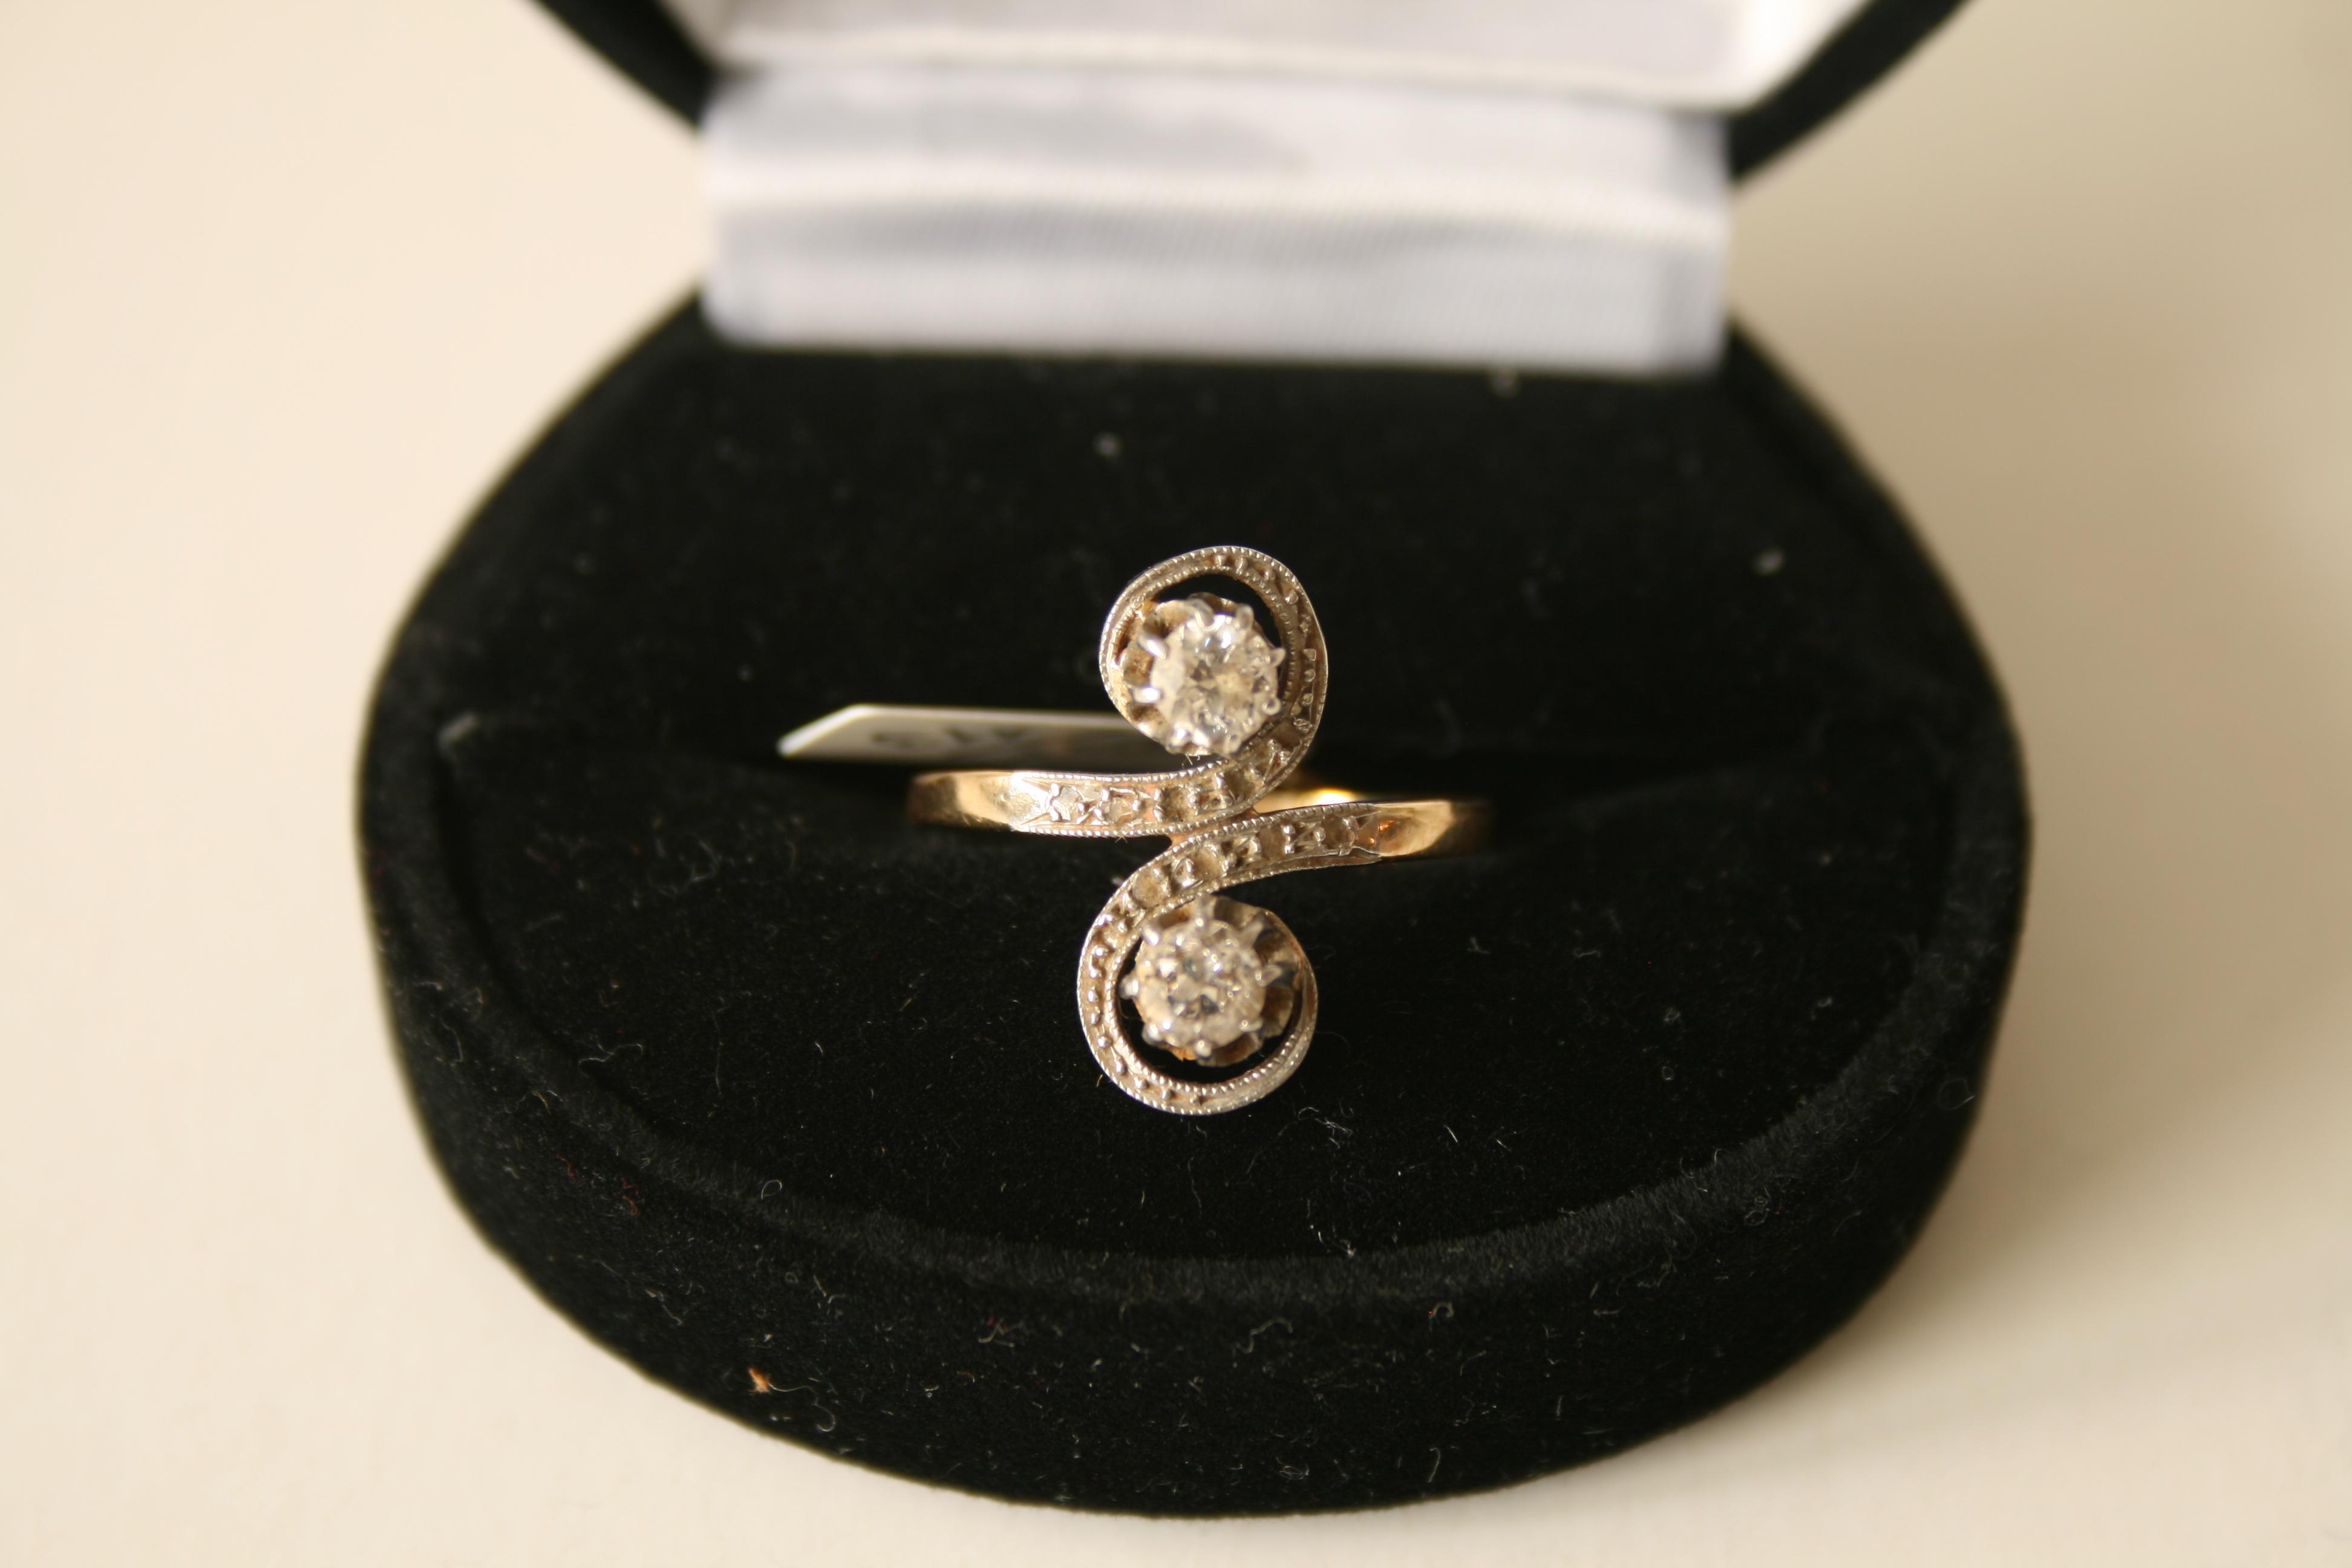 """Lot 38 - Bague ancienne """"Toi et Moi"""" de 2 diamants de 0,23 ct, monture plaquée or bicolore, [...]"""